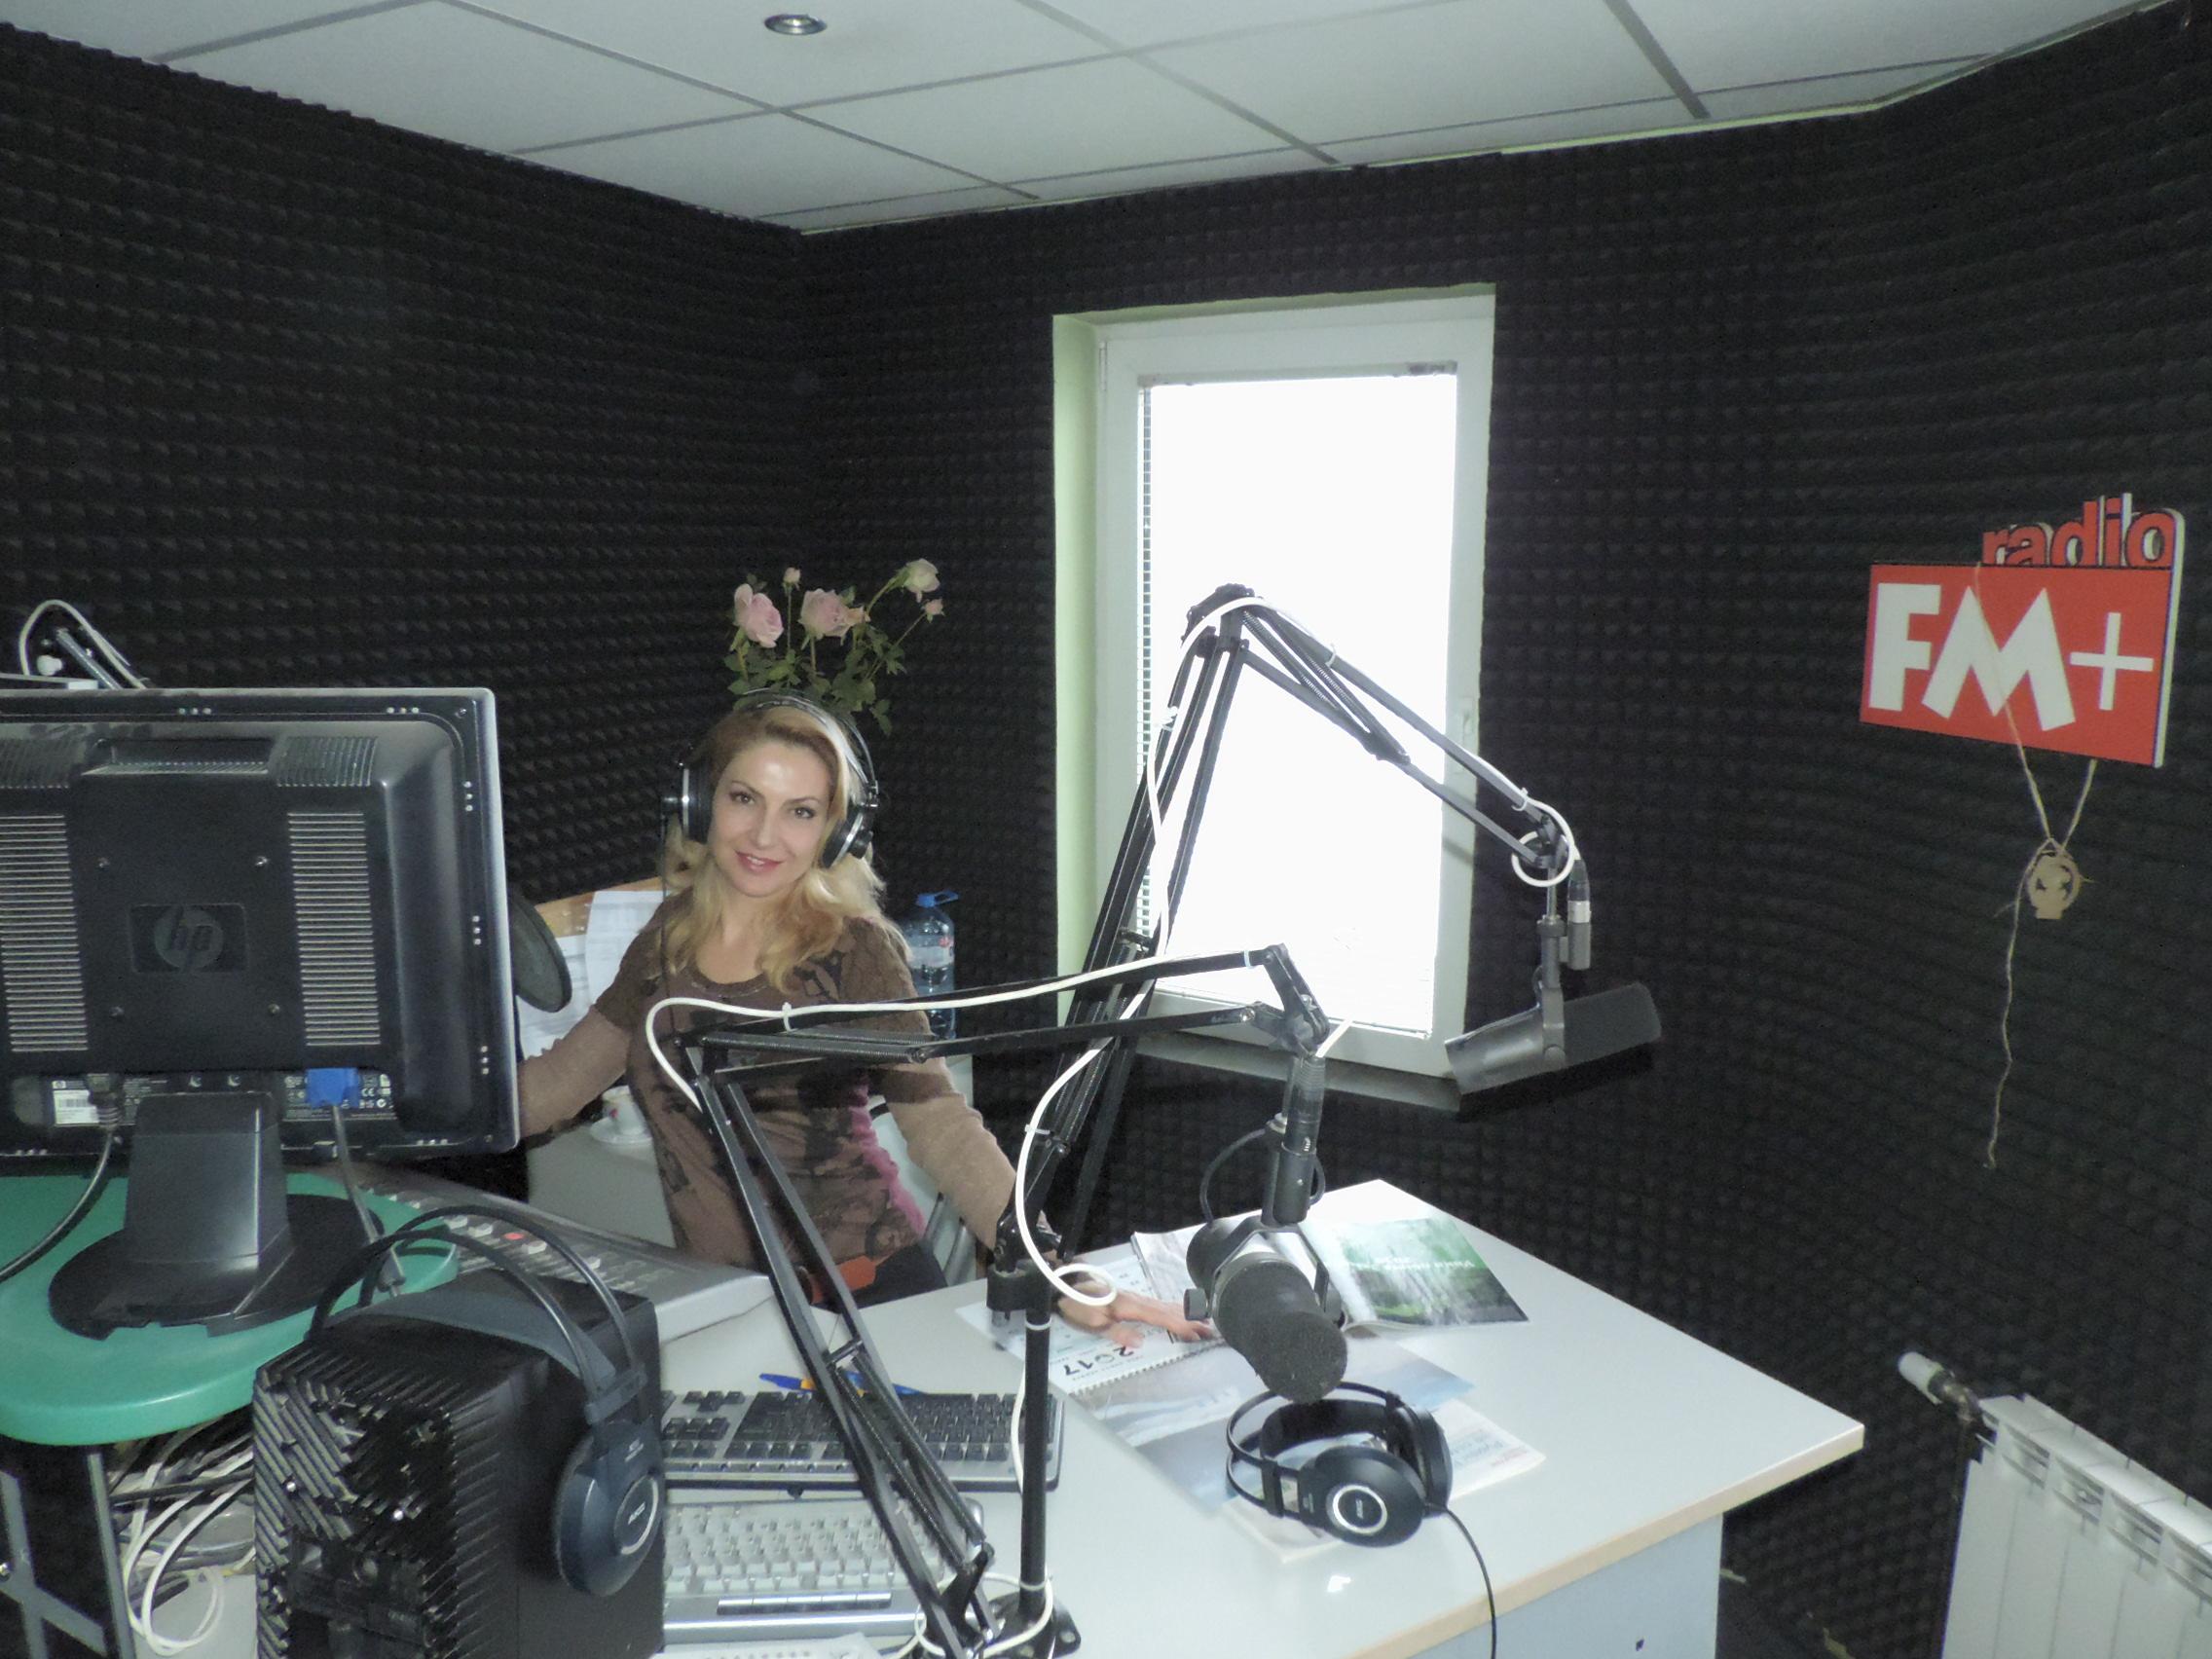 Резултат с изображение за частно радио FM+.